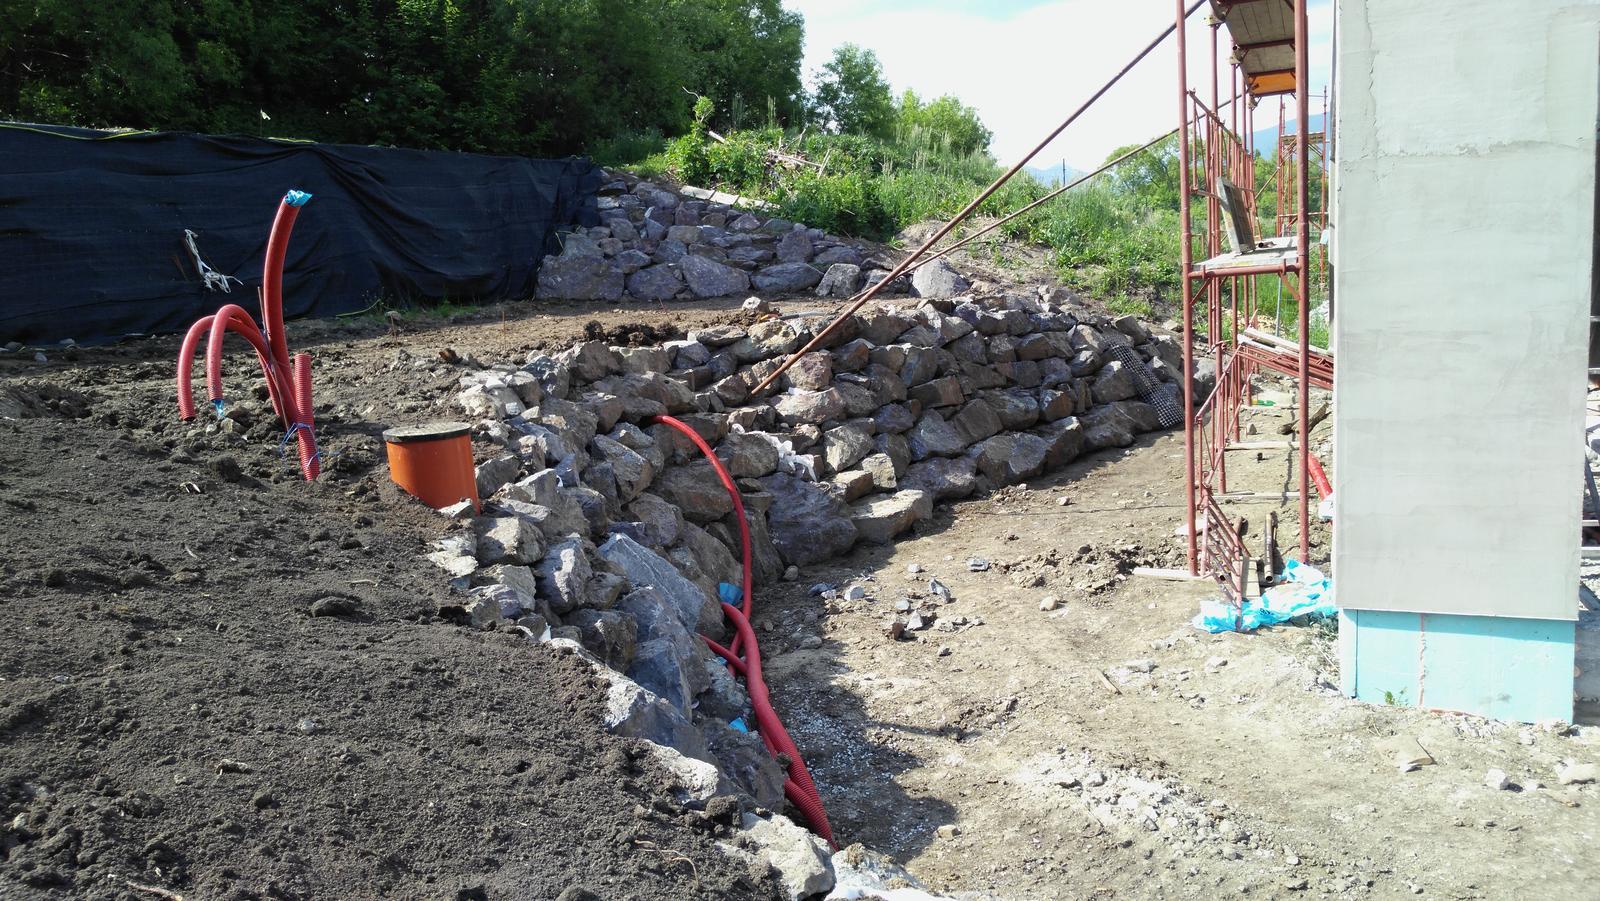 kosto13 - Strmé vegetačné svahy a oporné múry z  kyklopského muriva vystužené geomrežami, Liptovský Ján 2020 06